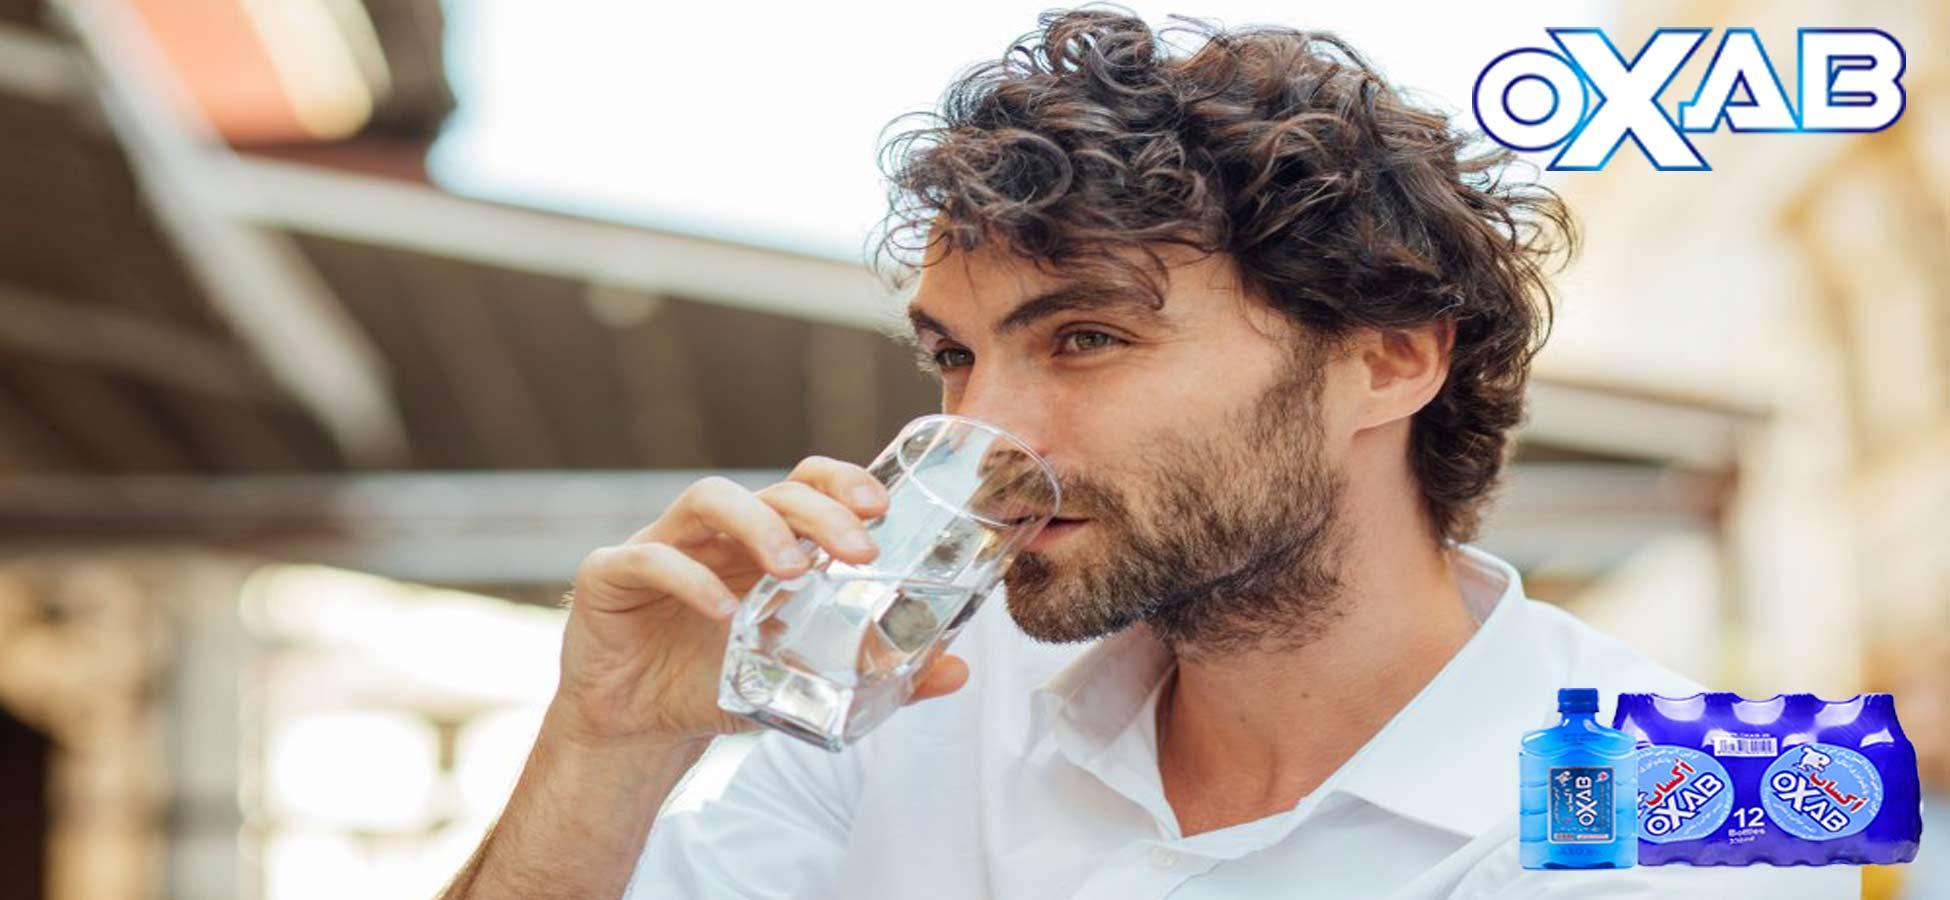 خرید آب .نحوه تصفیه آب آشامیدنی با لوازم ابتدایی